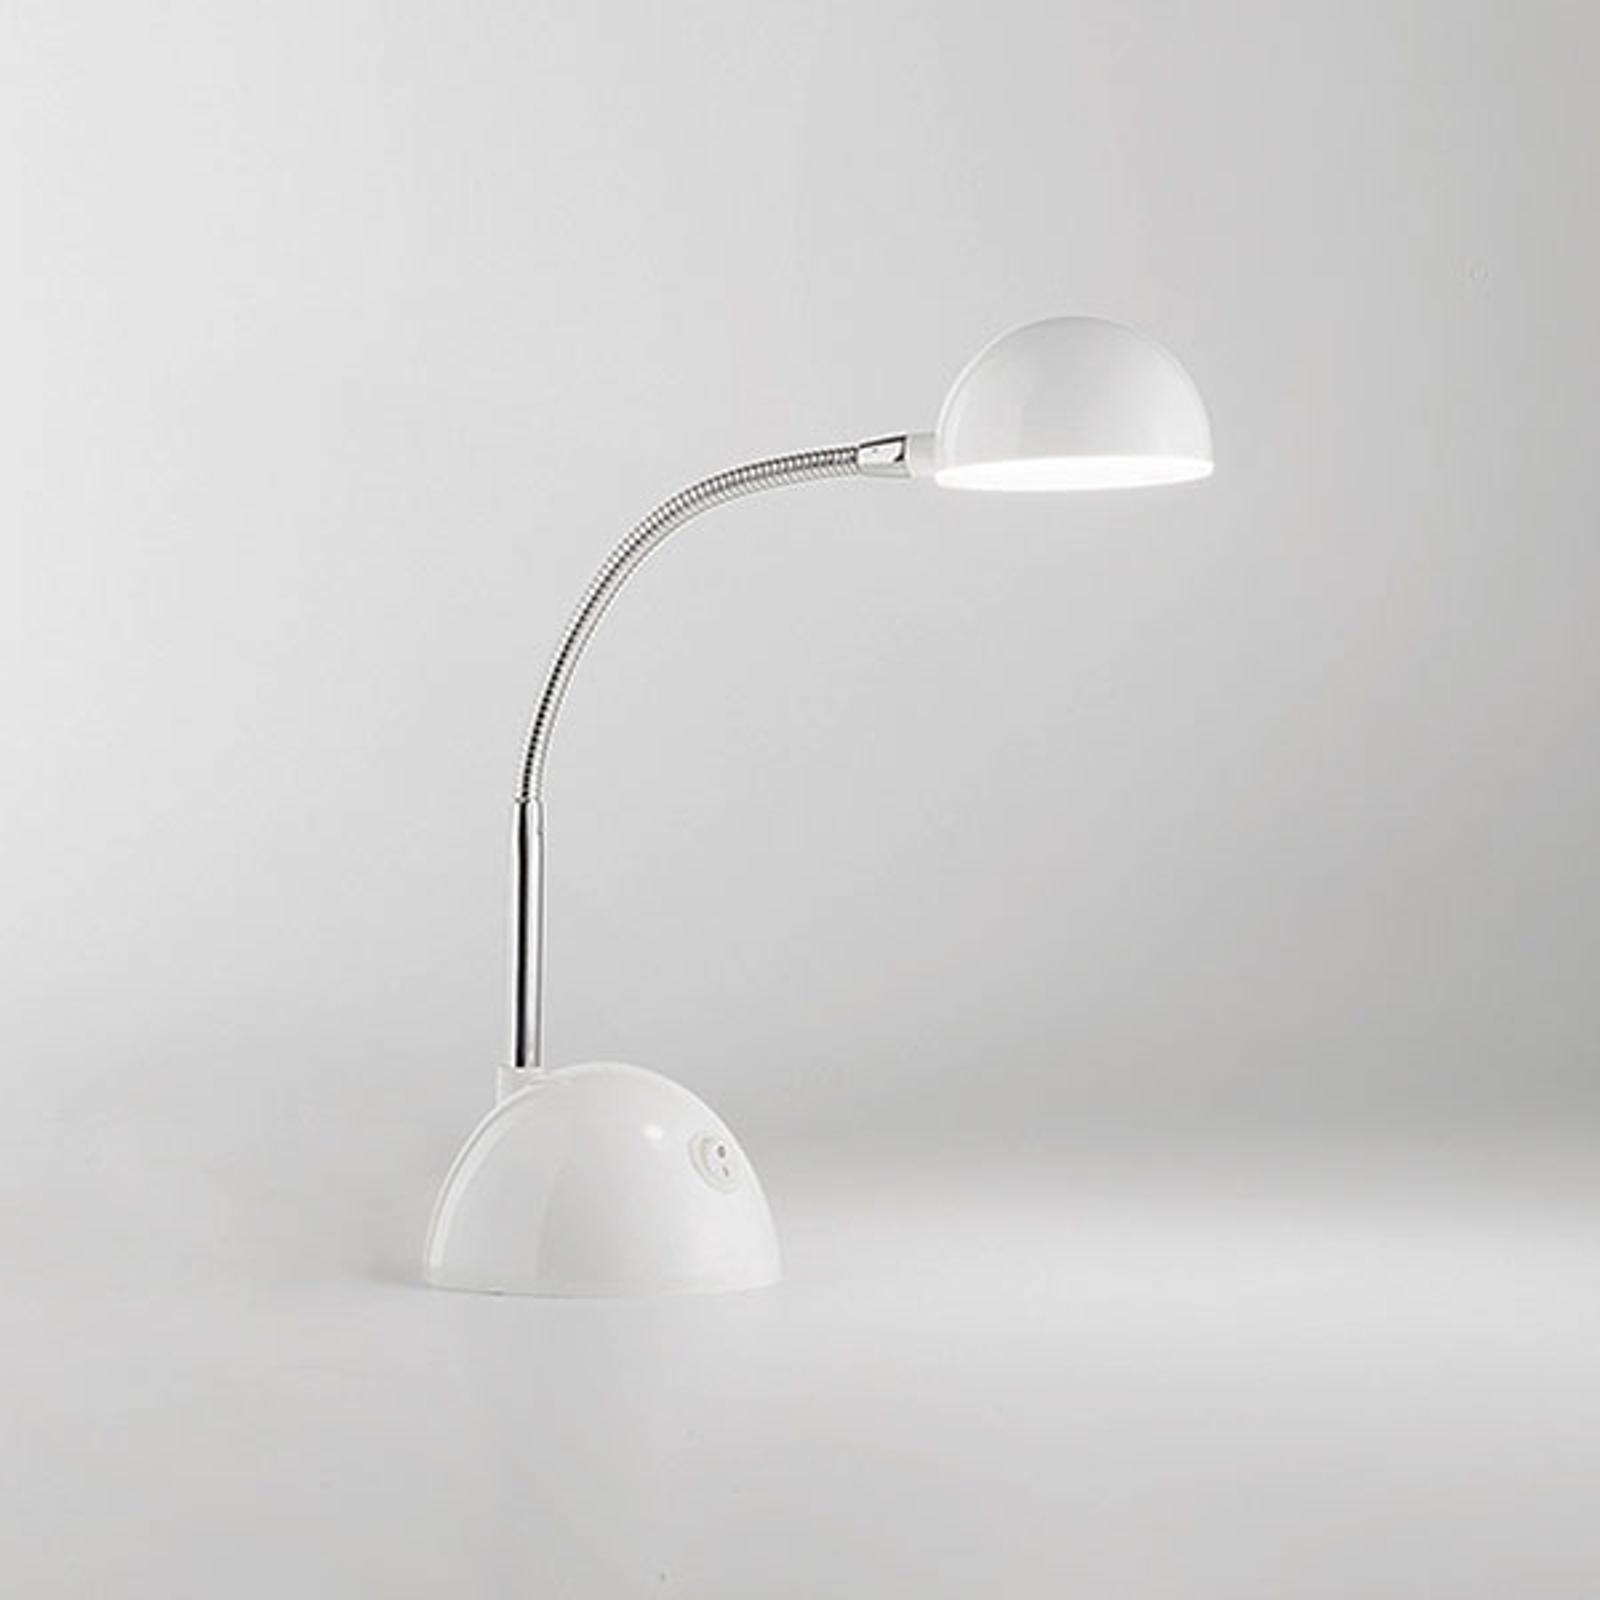 LED-Tischlampe 6512 mit Flexarm, weiß